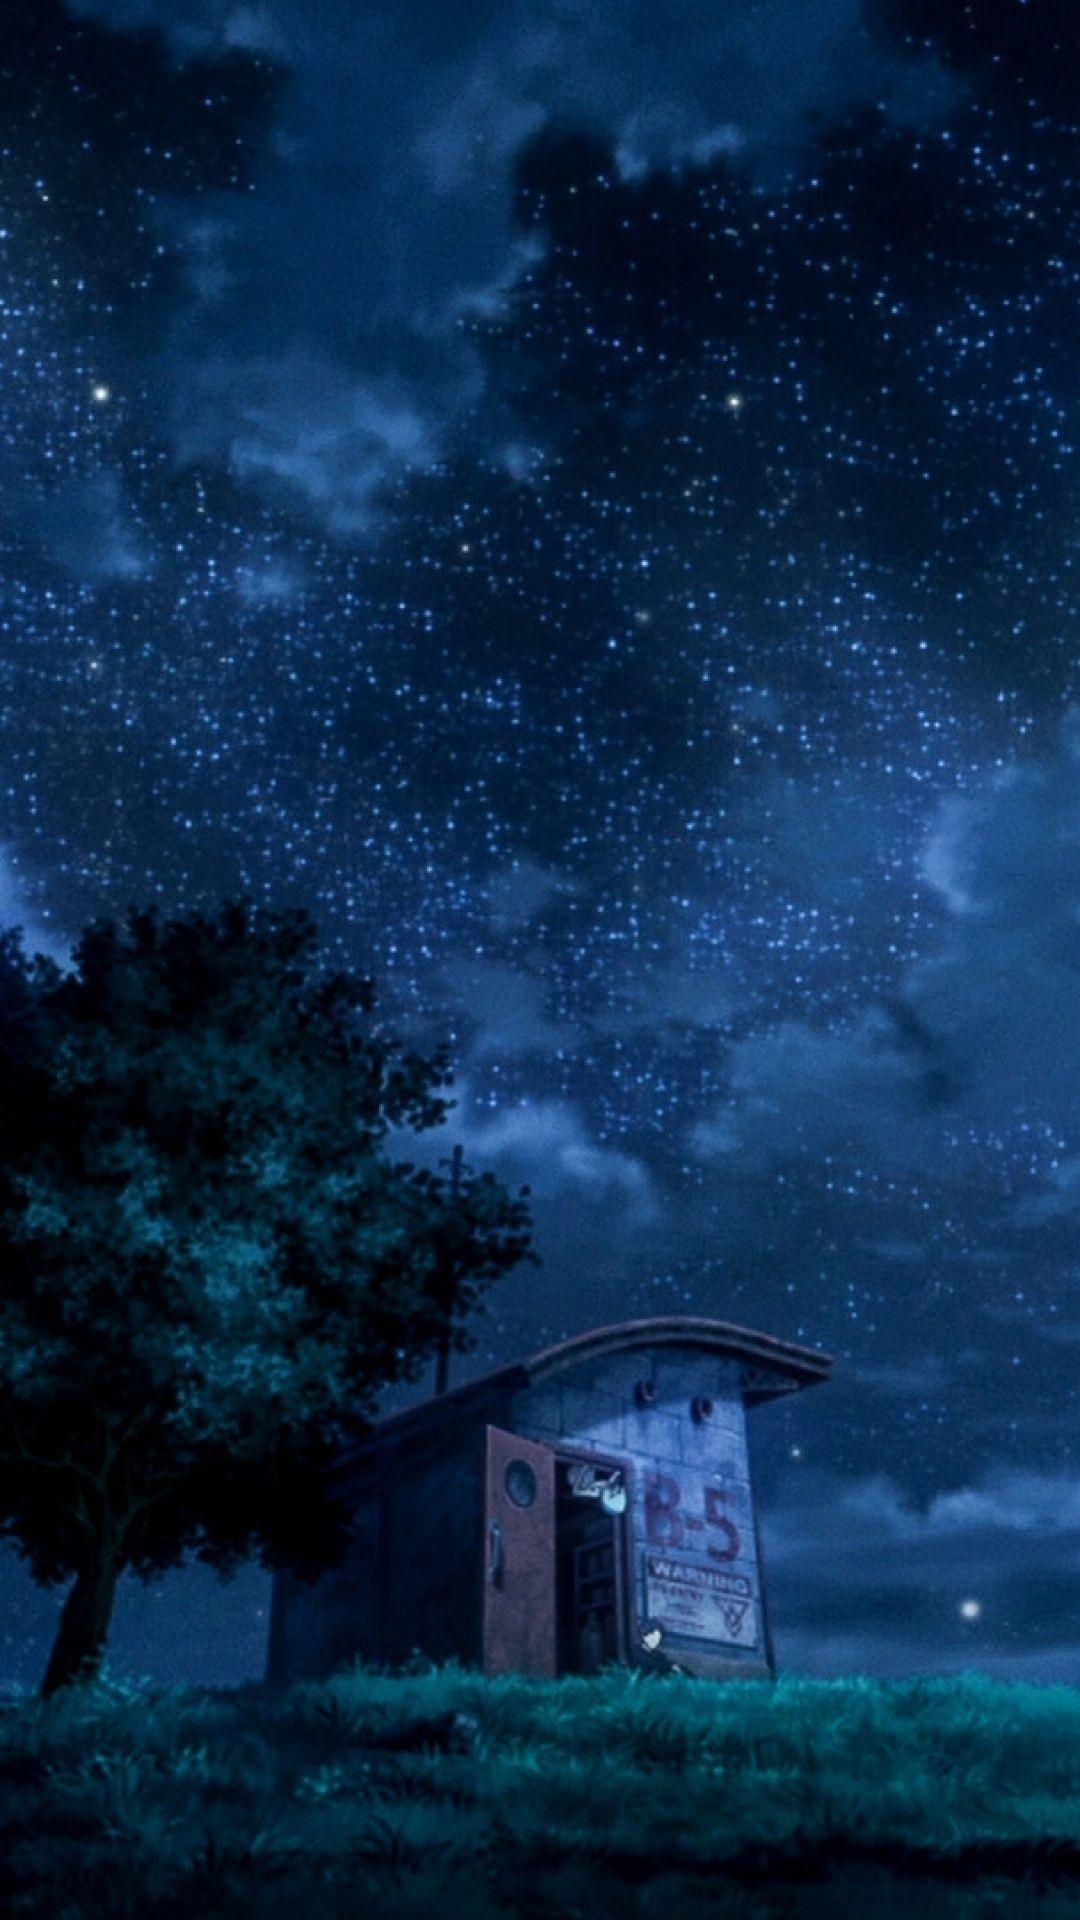 1080x1920 Cool Anime Hình Nền iPhone